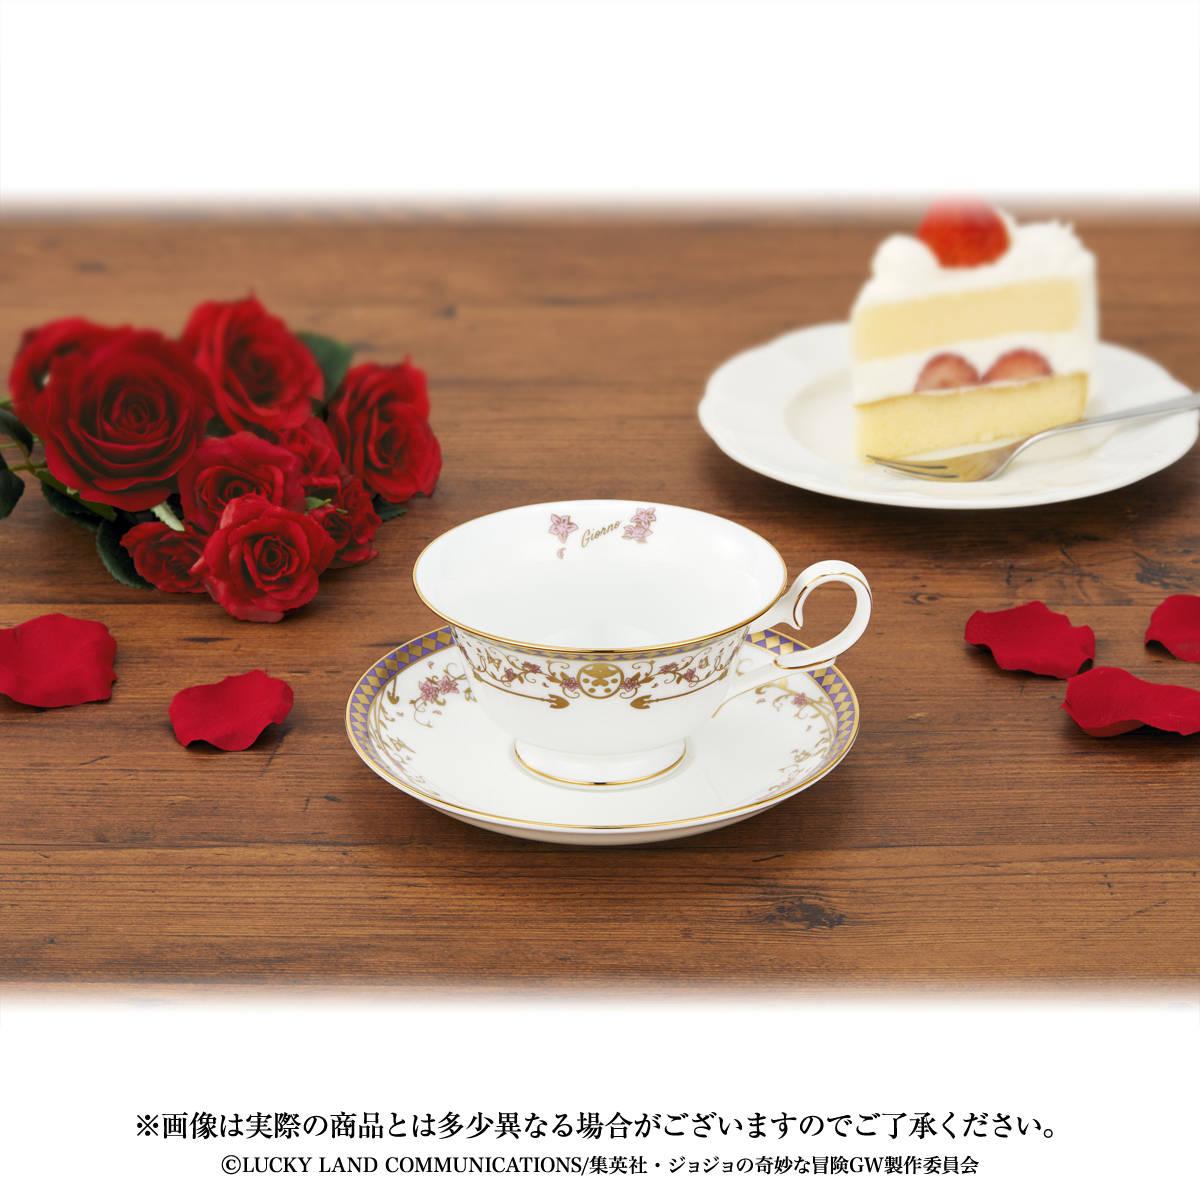 ジョジョの奇妙な冒険 黄金の風×Noritake ティーカップ&ソーサーセット3